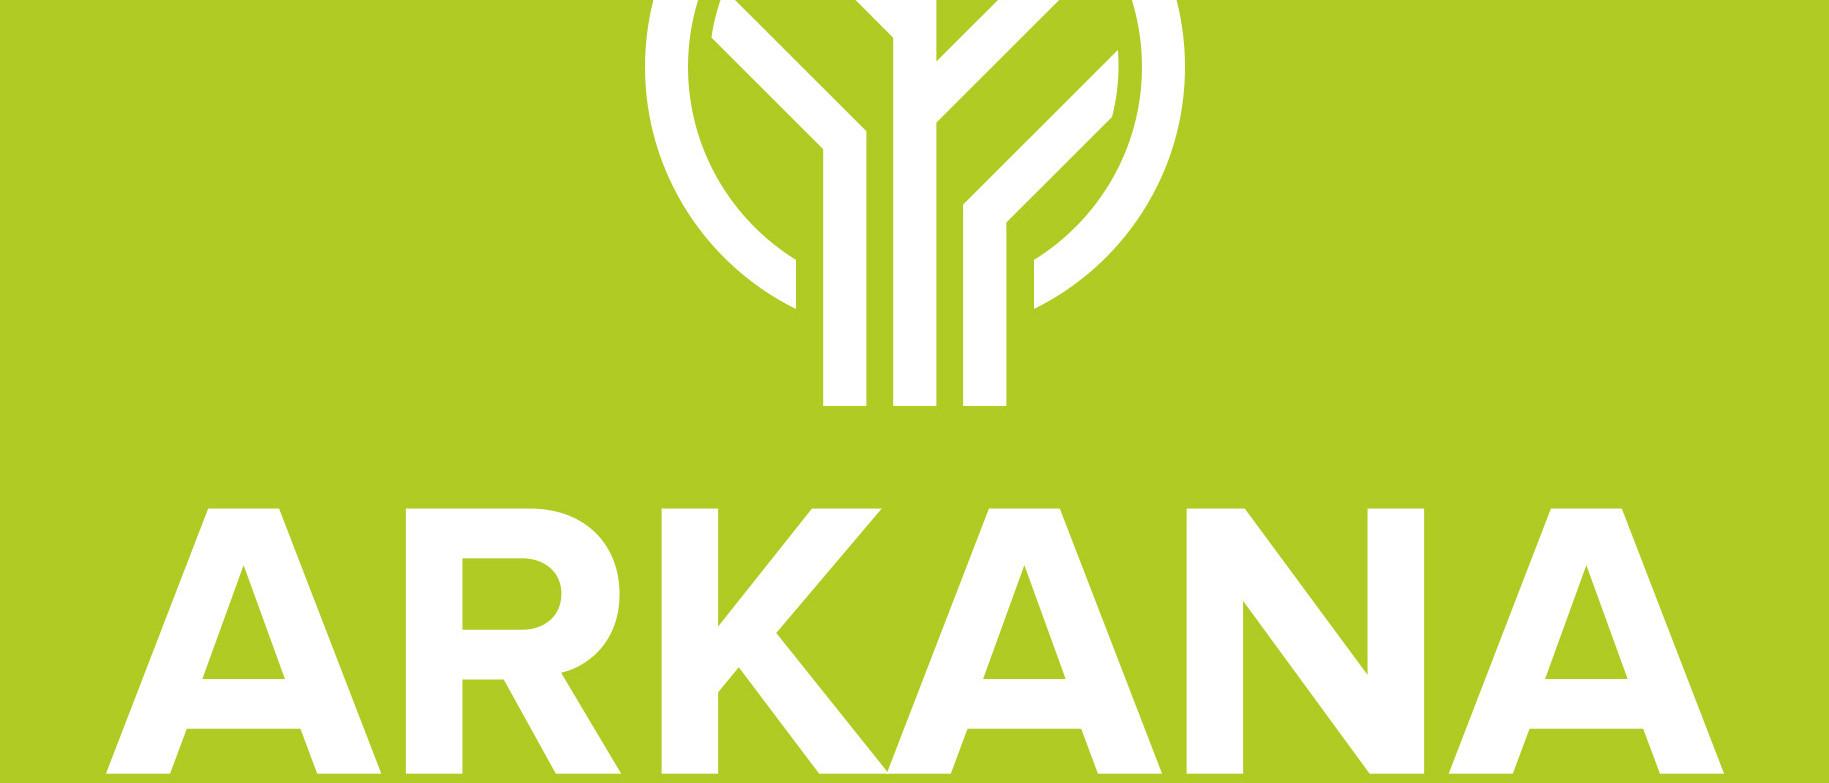 ARK_logo_groen_vierkant